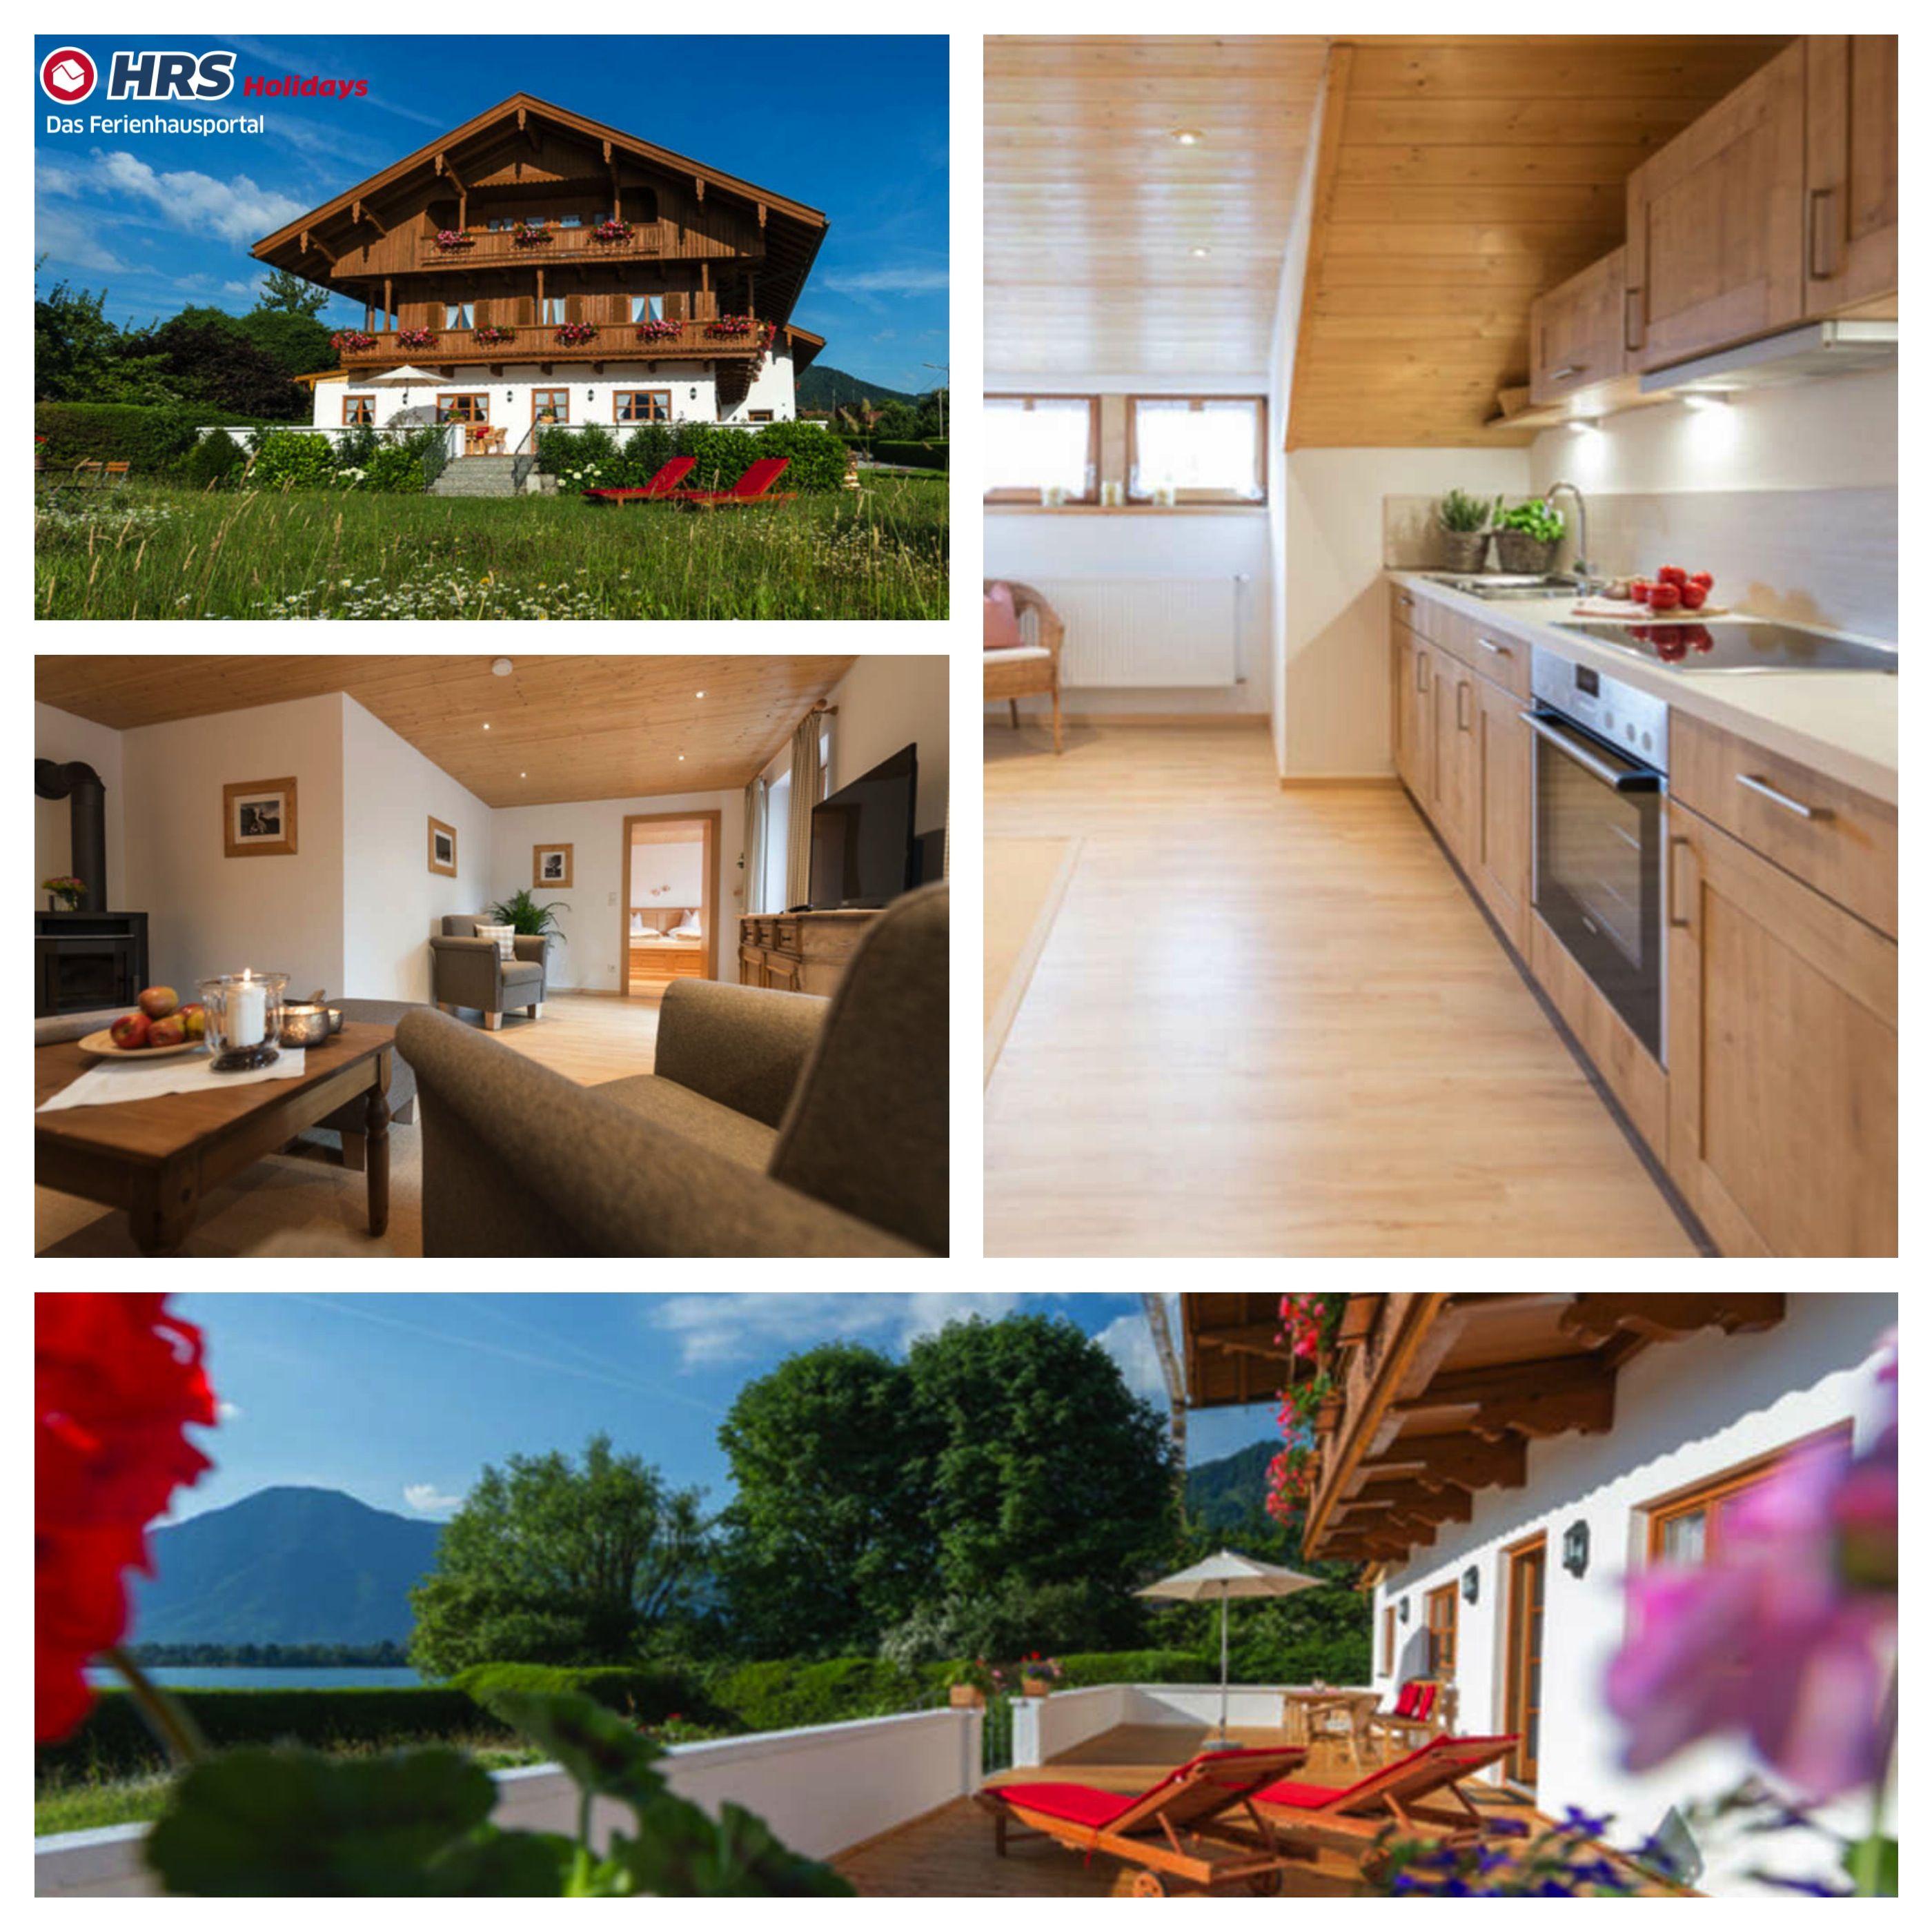 Wir sind hin und weg von diesen wunderschönen Ferienwohnungen im Bauernhaus Seerose am Tegernsee. #Bavaria #lake #baden #Sommer #summer #holidays #travel #imUrlaubwiezuhausefühlen